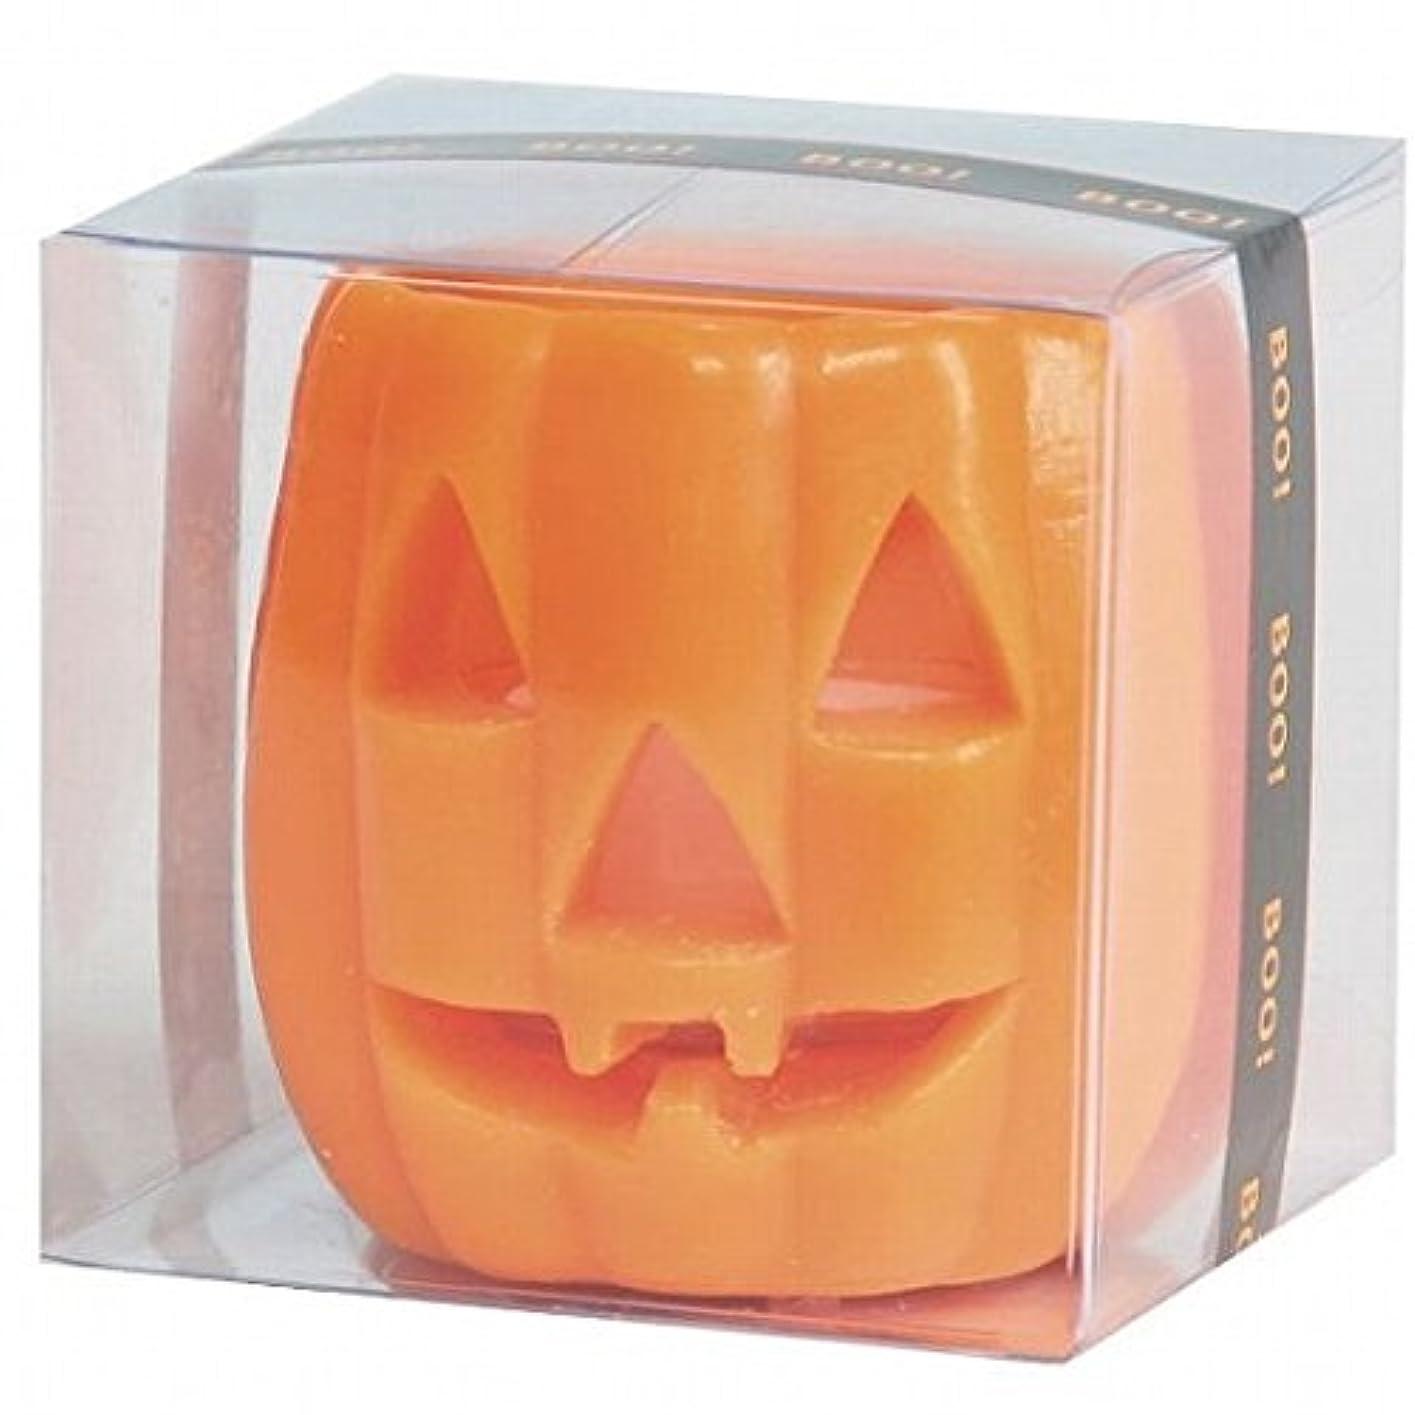 海賊ベーリング海峡完全に乾くkameyama candle(カメヤマキャンドル) パンプキンフェイスS 「 オレンジ 」 キャンドル(55860000)